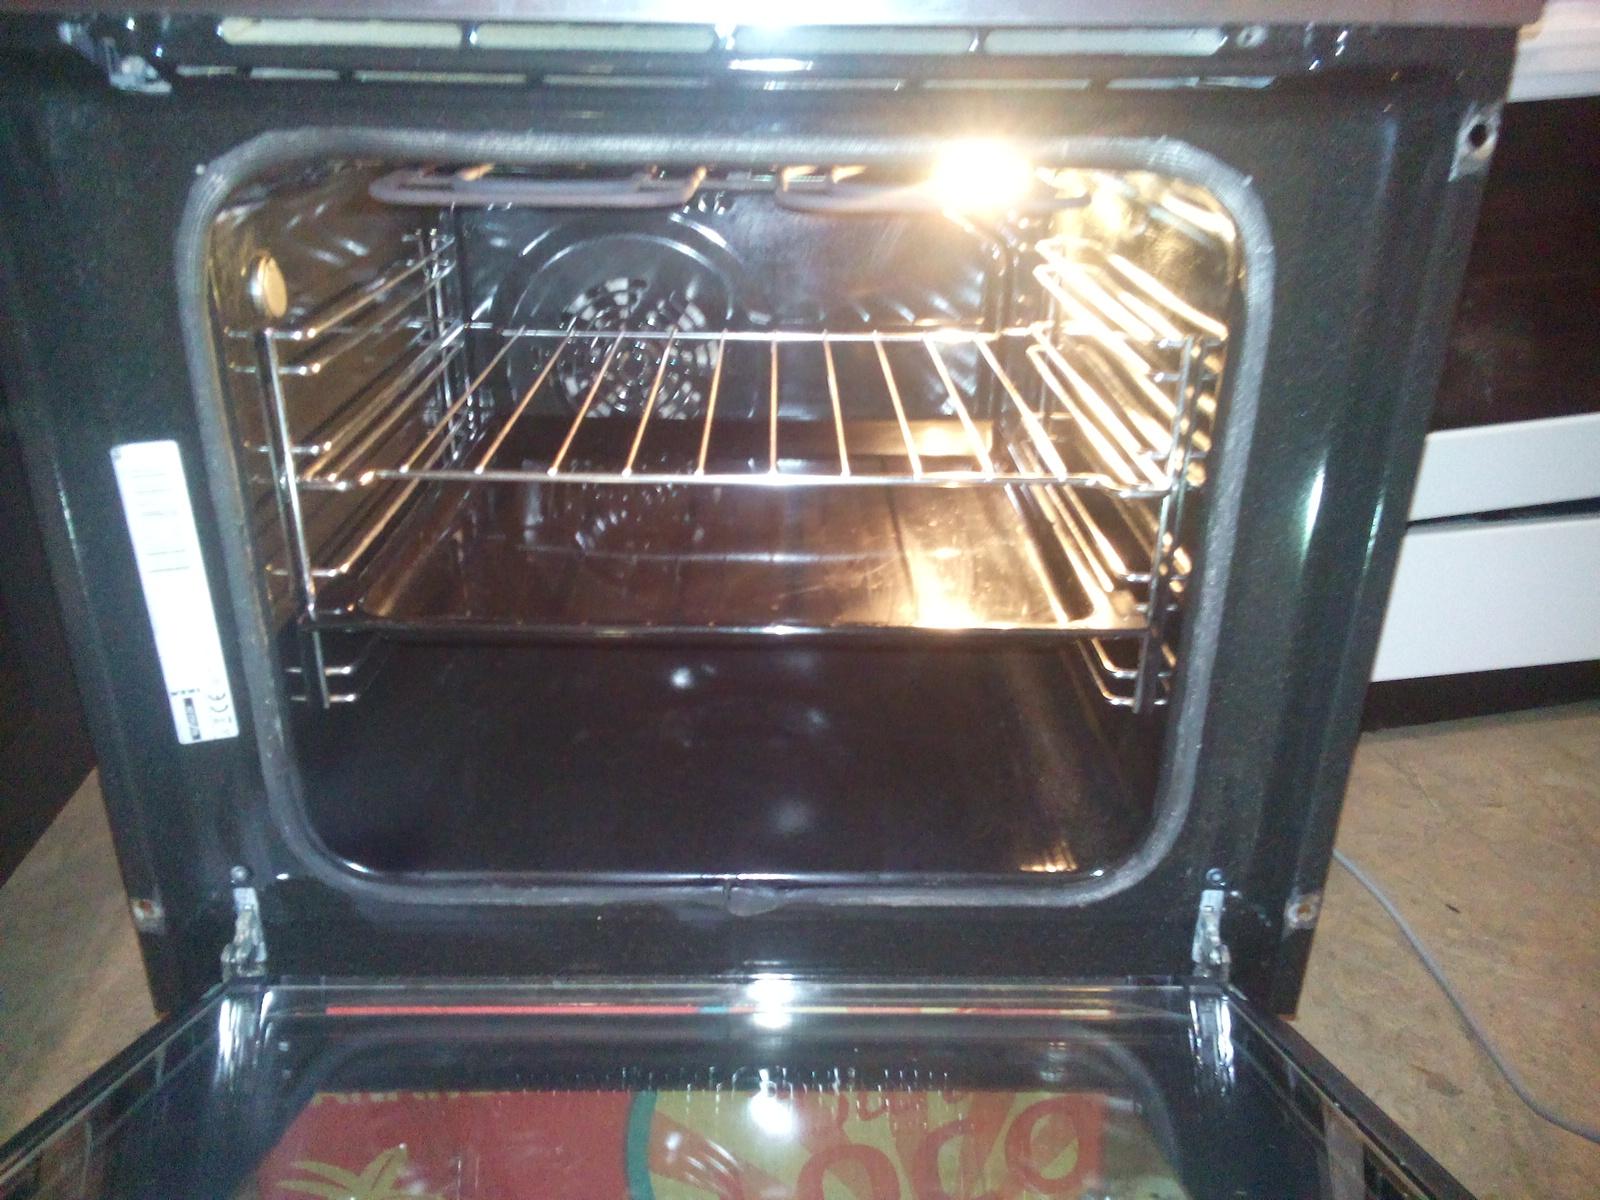 Пиролитическая (пиролизная) очистка духовки: что это, плюсы и минусы